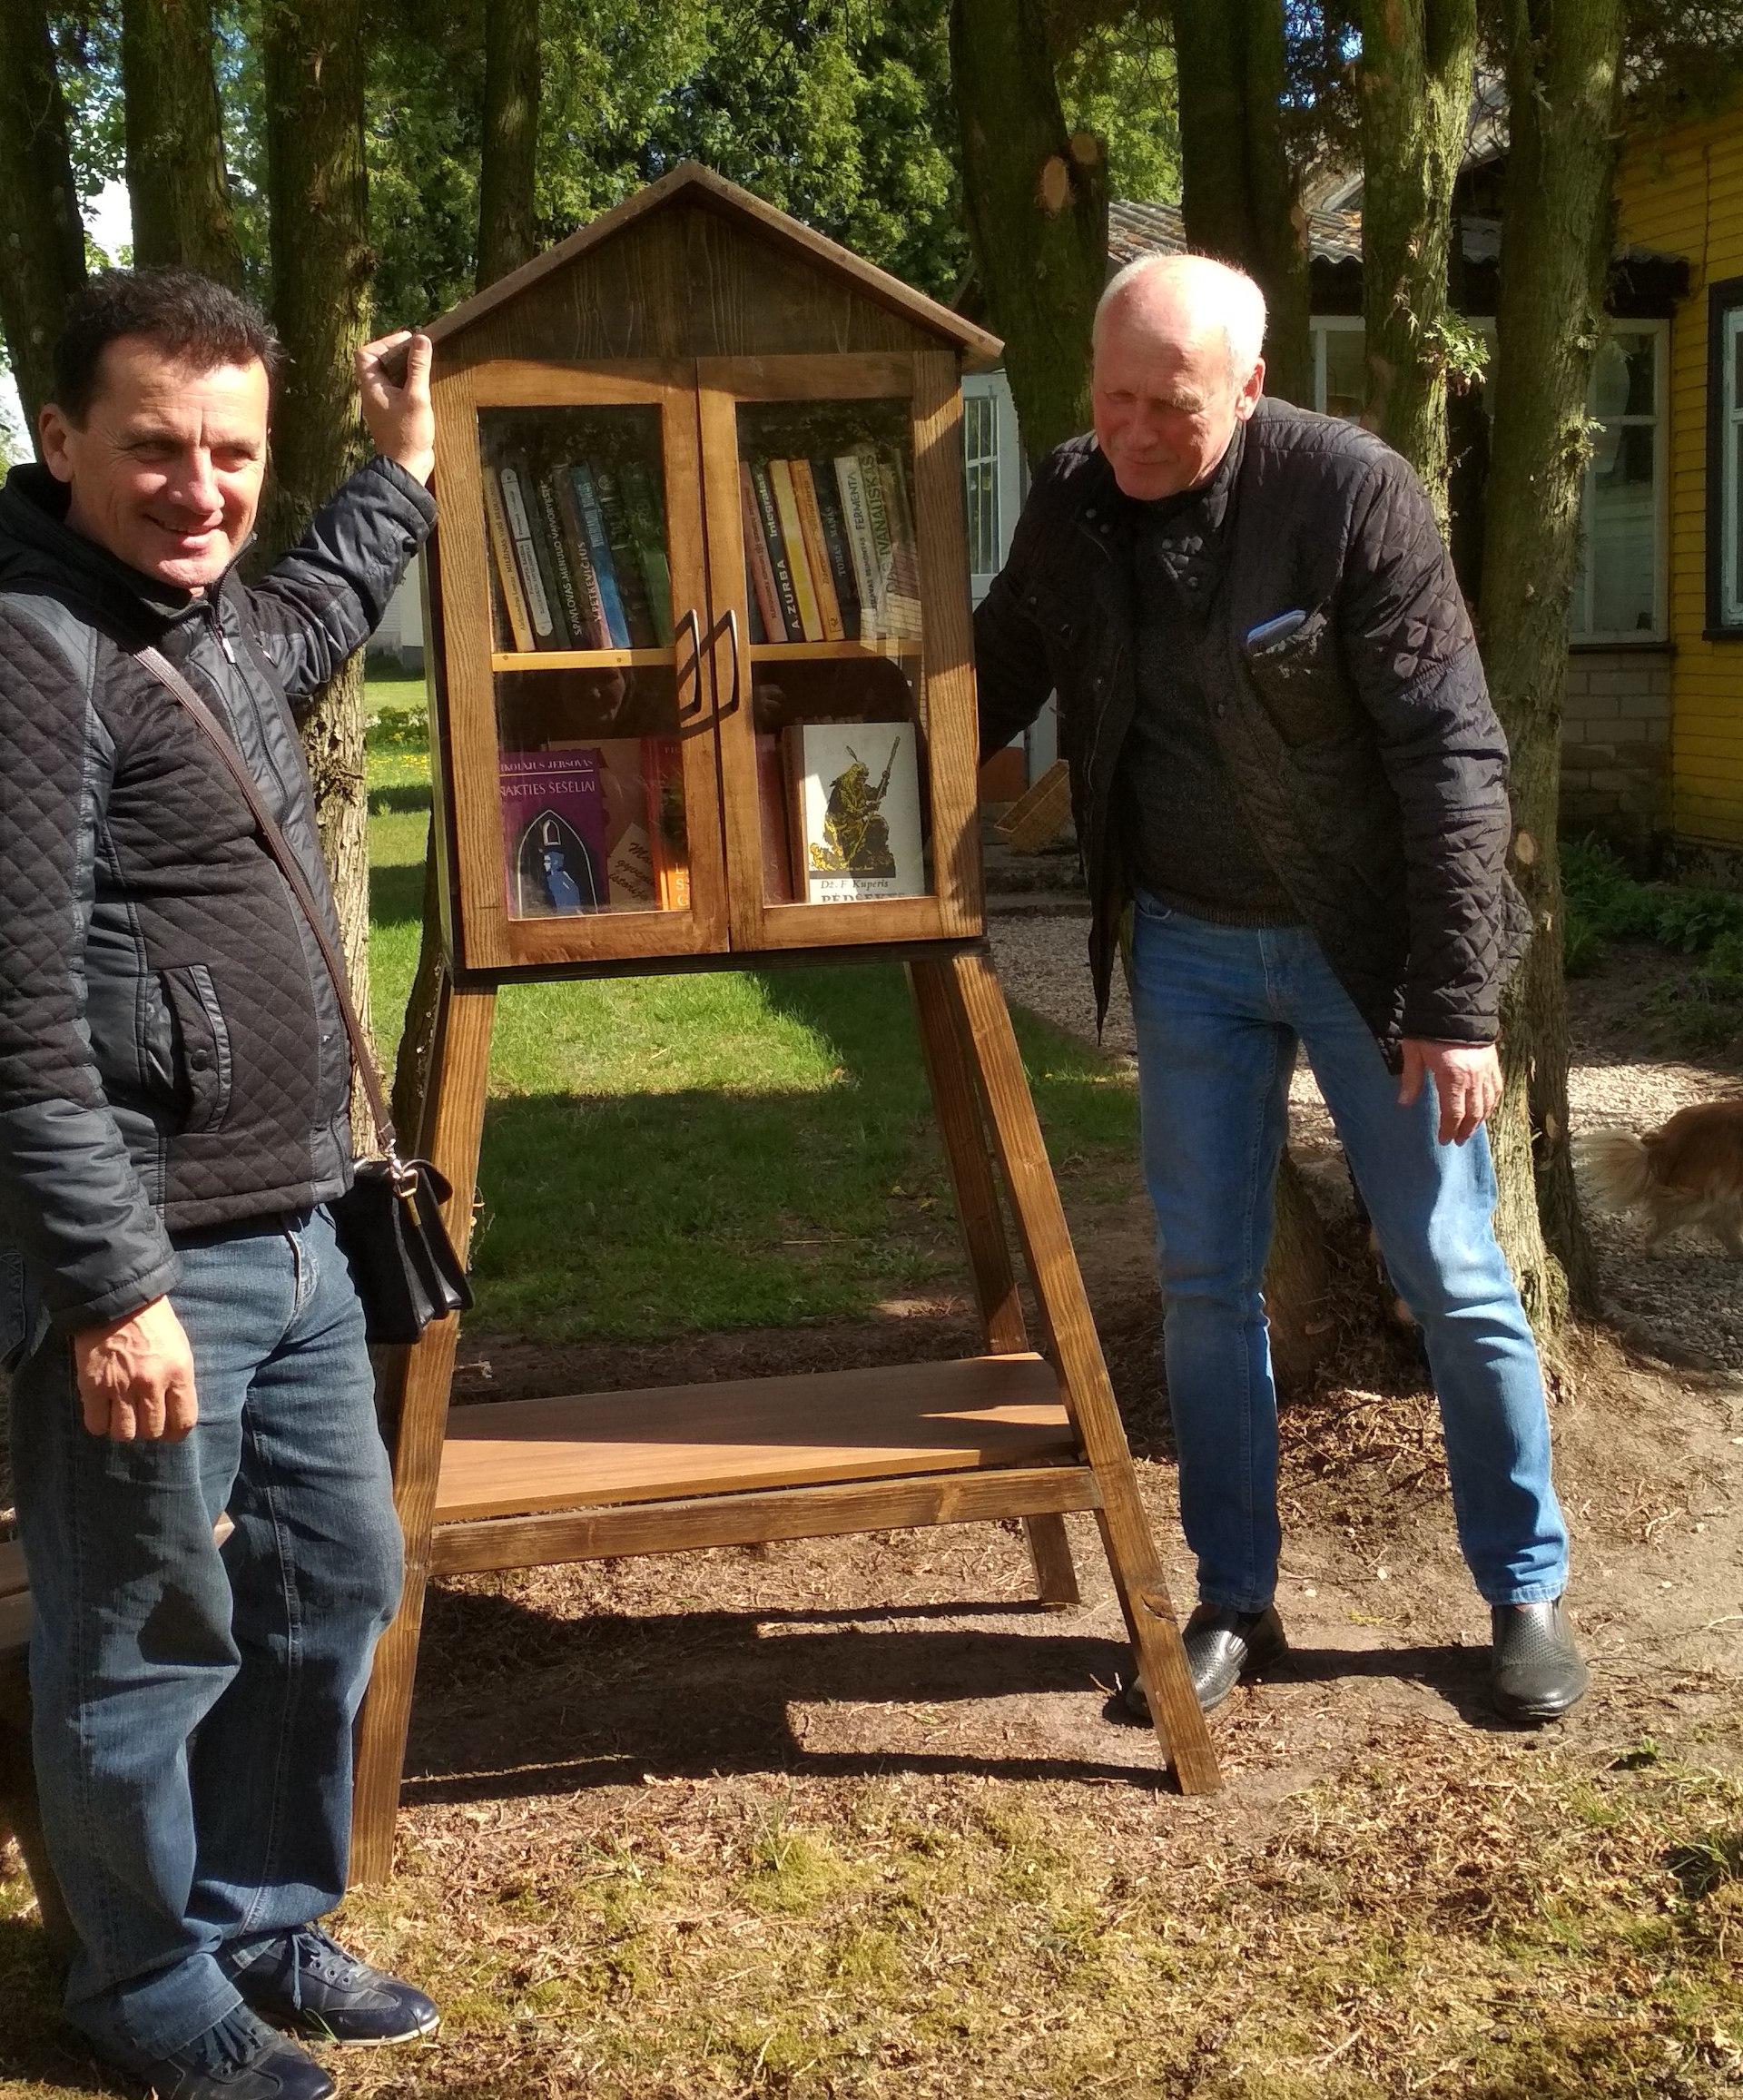 Prie knygų namelio Kęstutis Valionis (kairėje) ir Vytautas Zakaryza. Asmeninio archyvo nuotr.